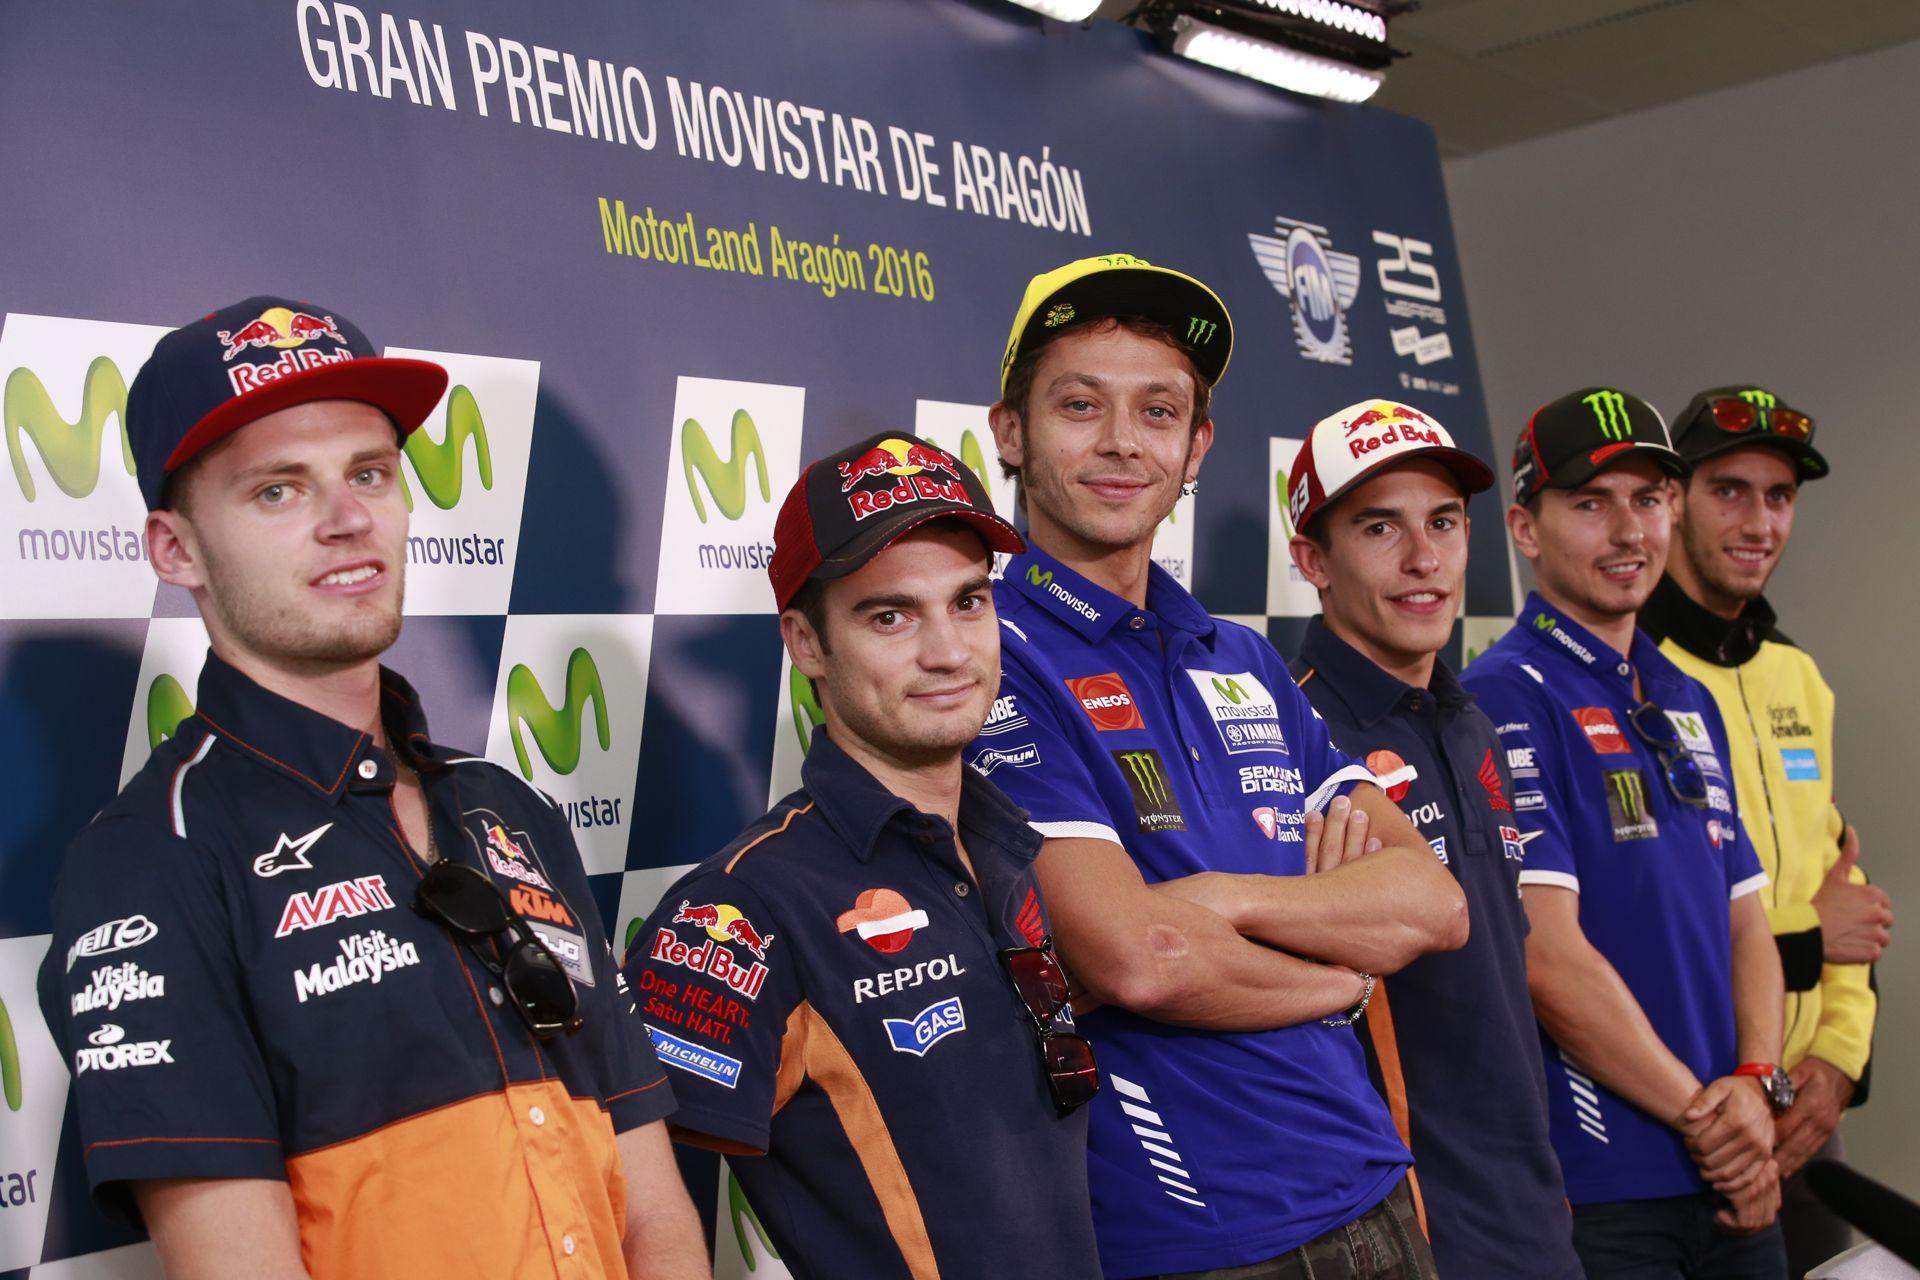 Rueda de Prensa del Gran Premio de Aragón